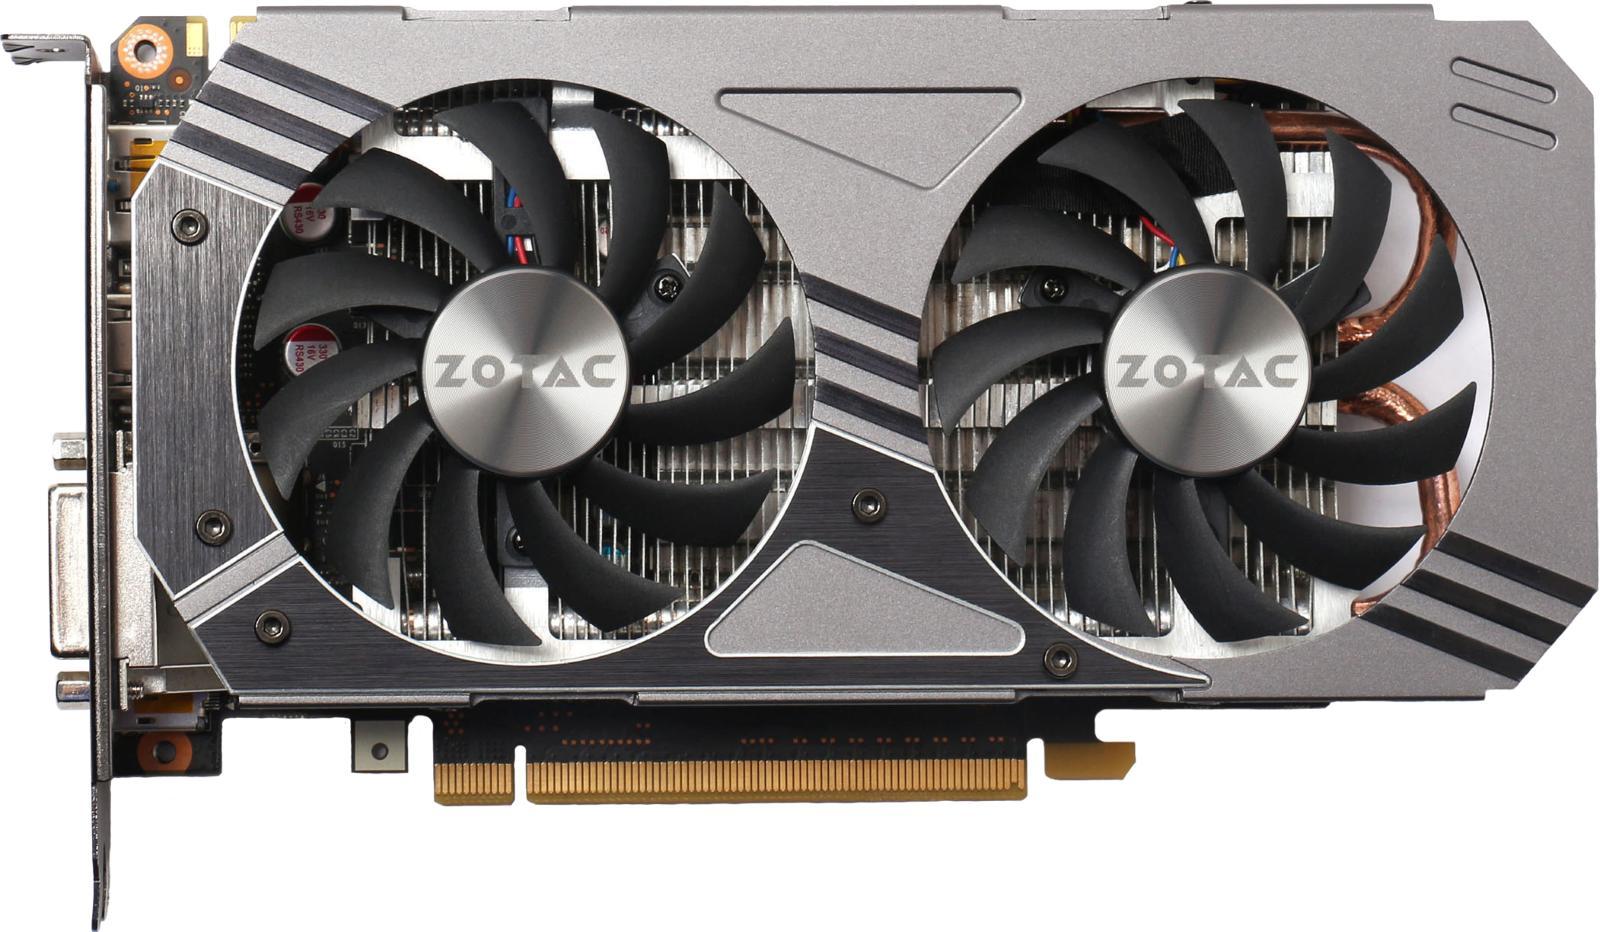 Zotac GeForce GTX 950 OC